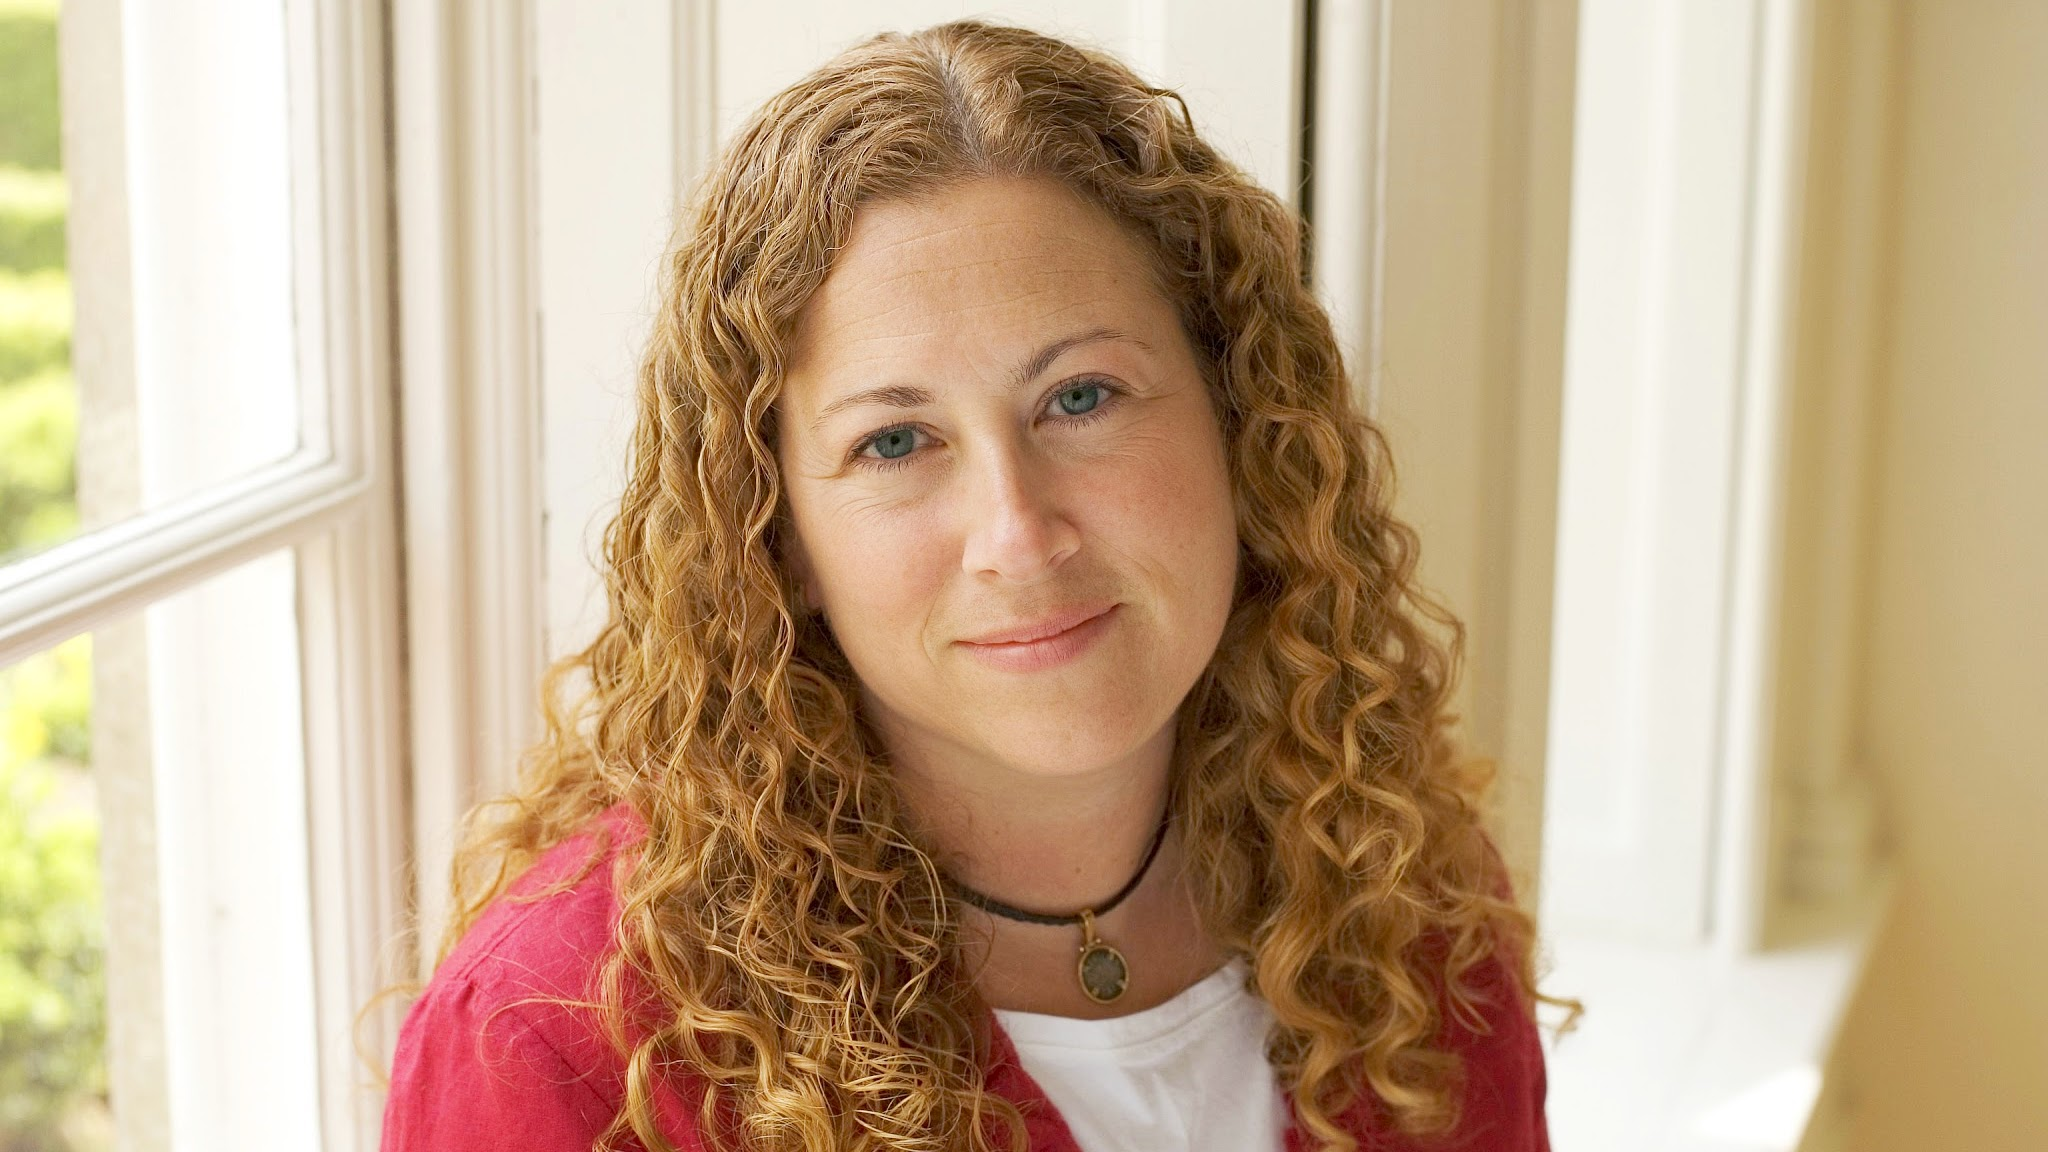 Author Jodi Picoult - Portrait Session